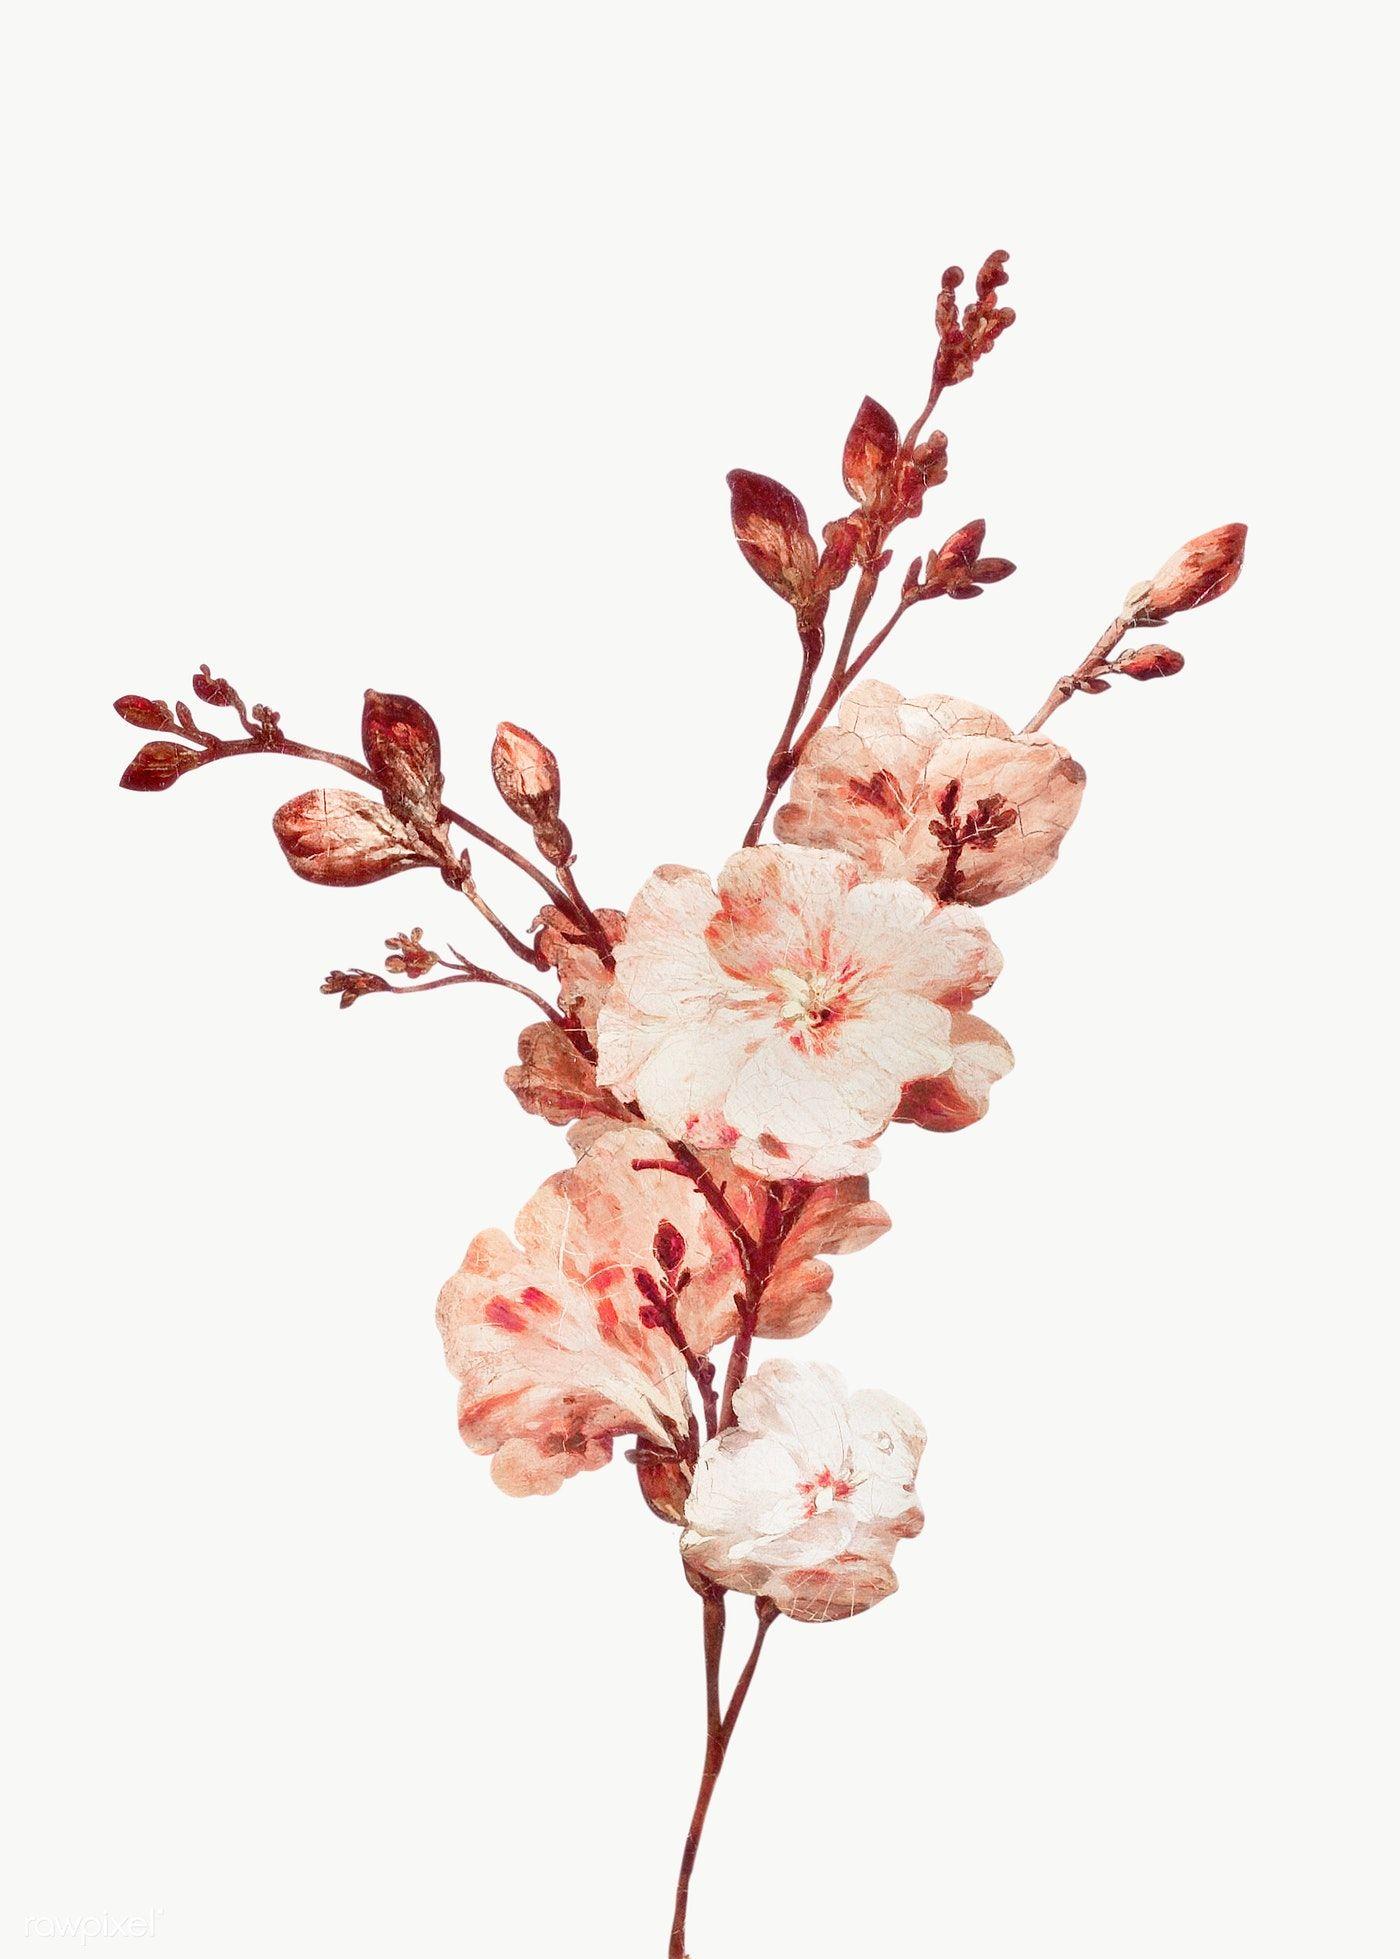 Download Premium Png Of Vintage Bloom Flower Illustration Transparent Png In 2020 Flower Illustration Vintage Floral Backgrounds Flower Aesthetic